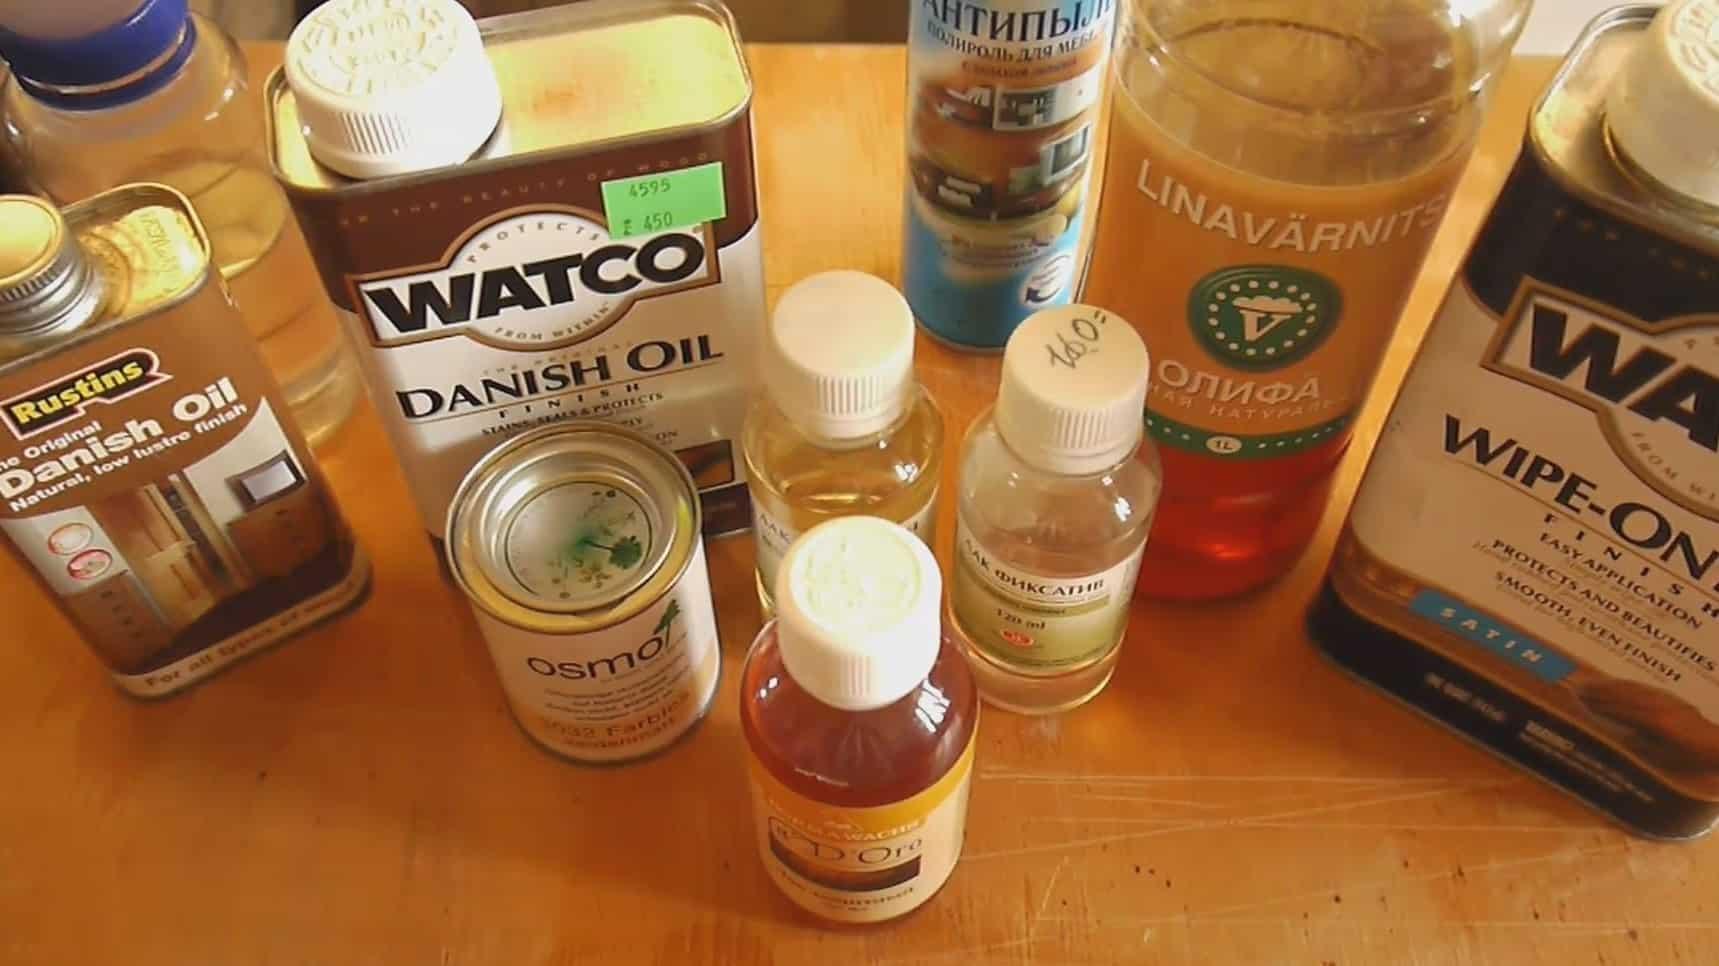 Можно ли разбавлять олифу | Чем разбавить загустевшую олифу: натуральную, оксоль, синтетическую